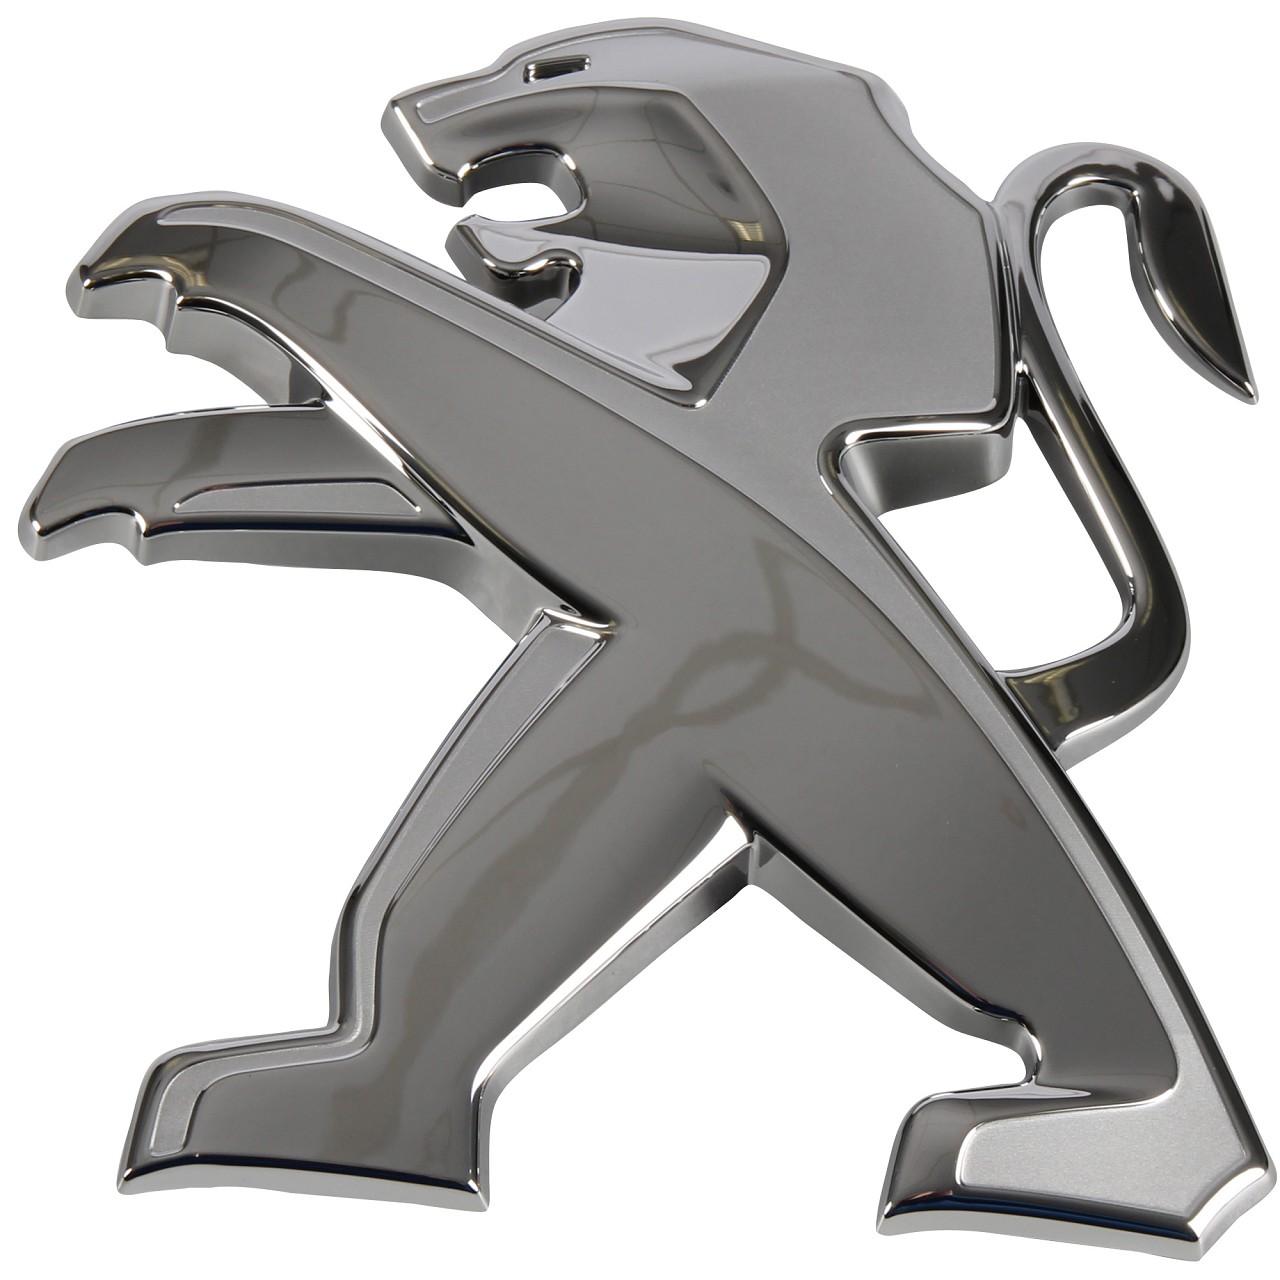 ORIGINAL Peugeot Emblem Logo Plakette VORNE 9678108480 für 3008 308 II 5008 807